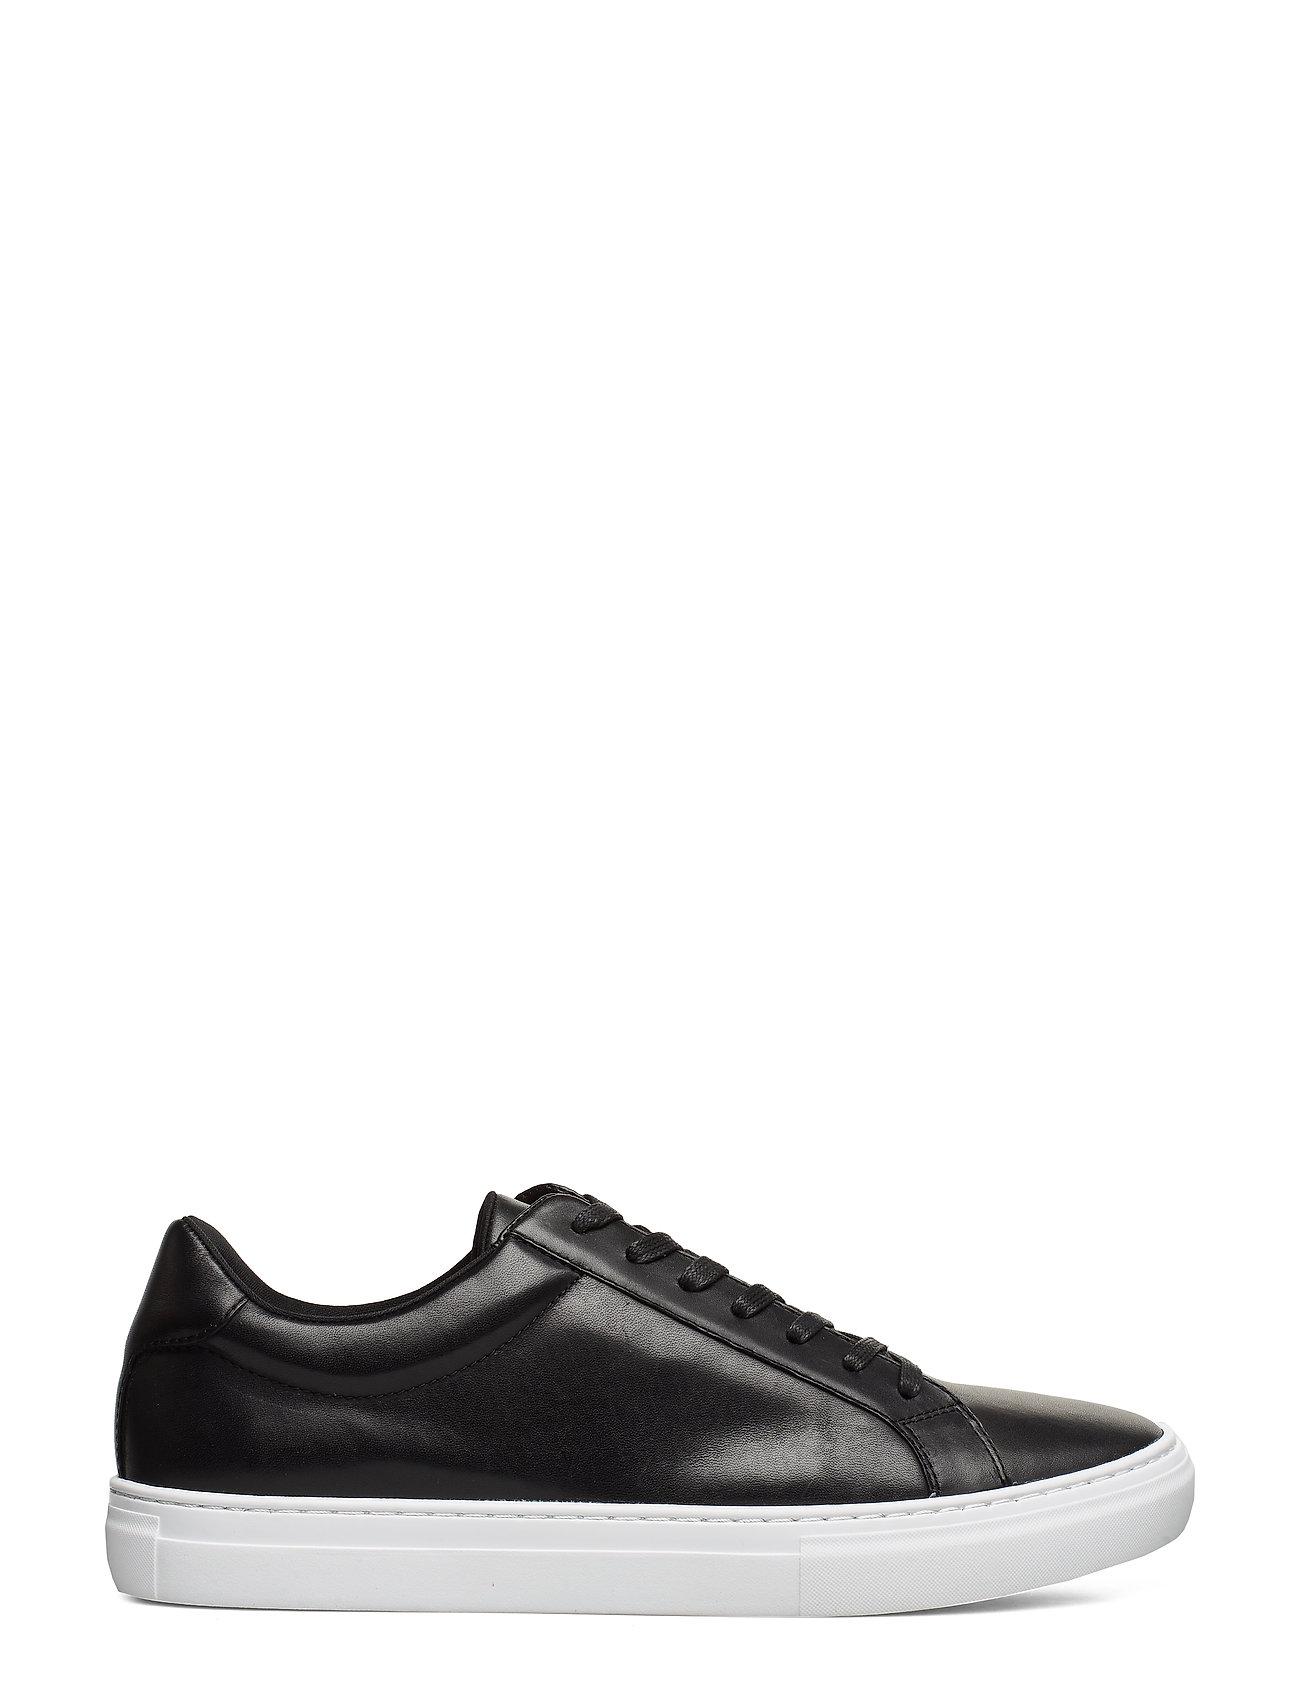 Image of Paul Low-top Sneakers Sort VAGABOND (3307692307)